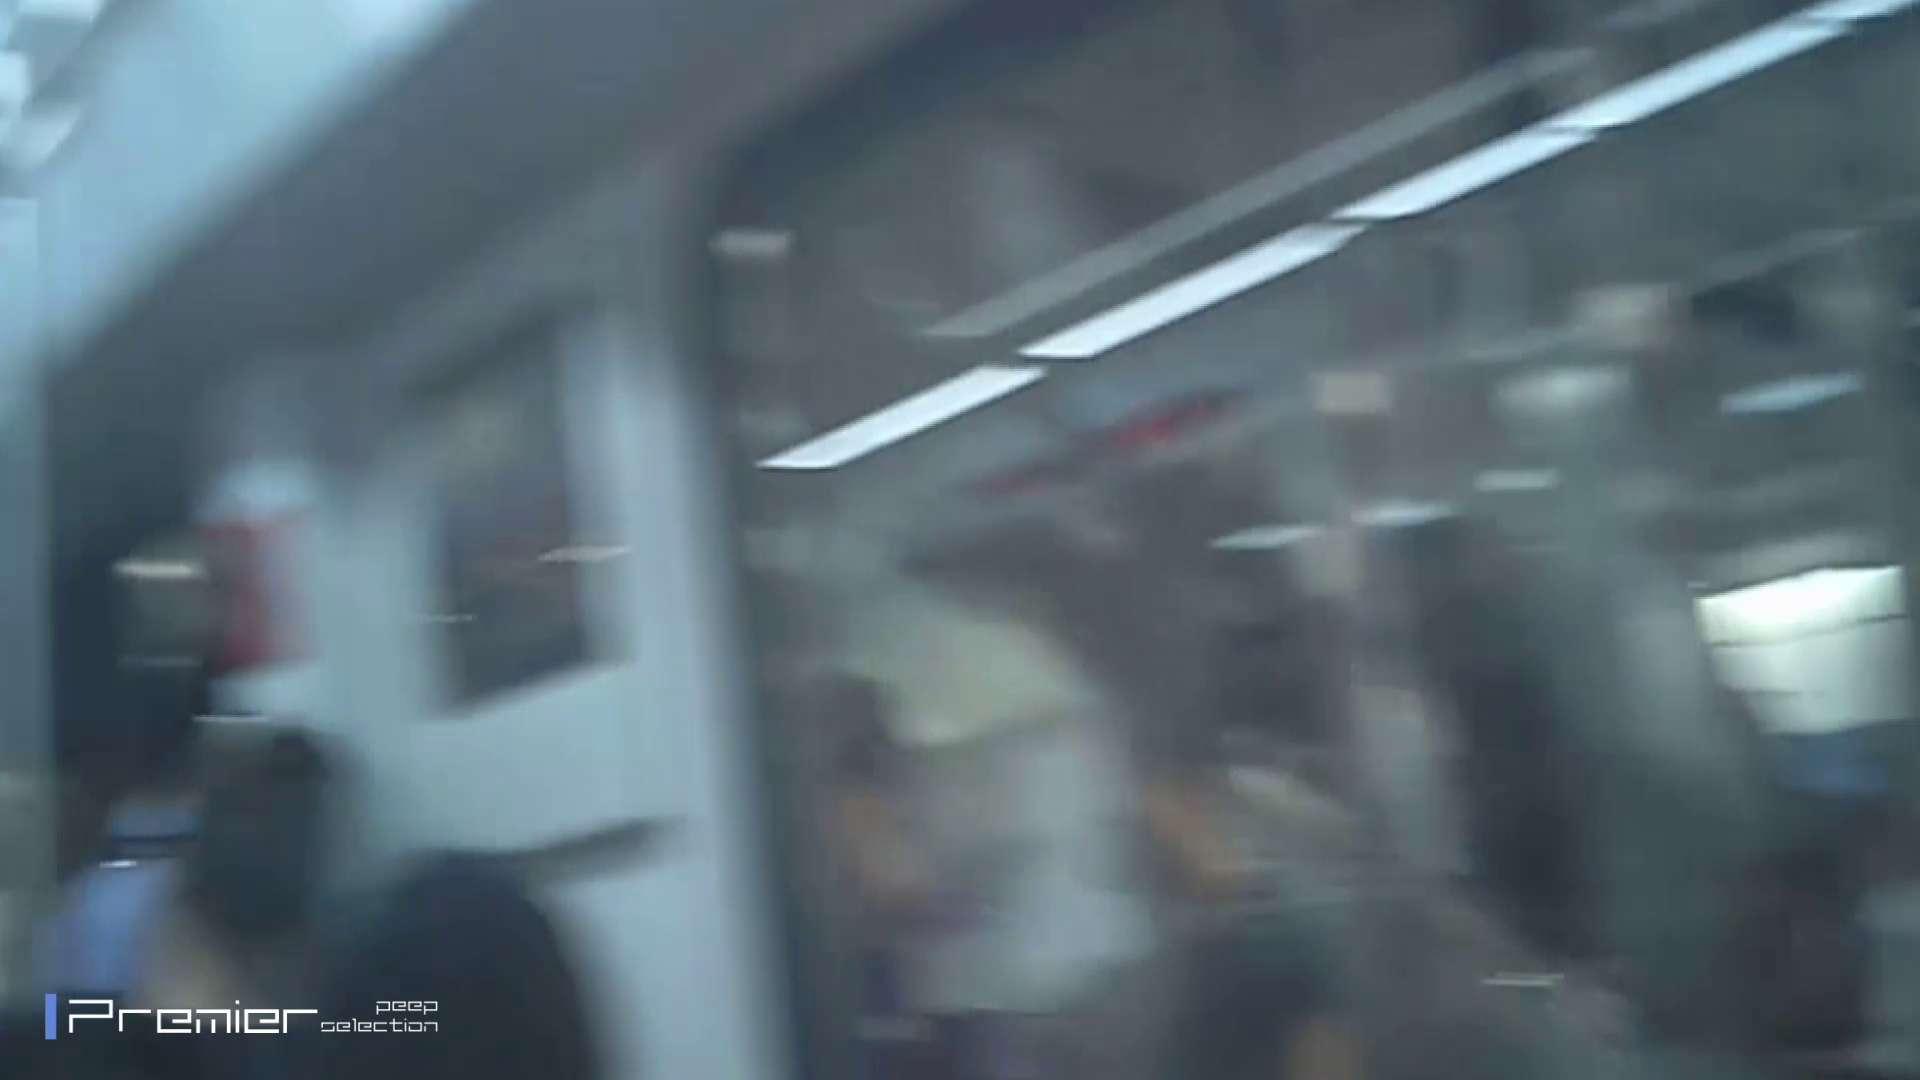 美女の痴態に密着!パンチラ編 Vol.02 盗撮編 オマンコ無修正動画無料 98枚 32